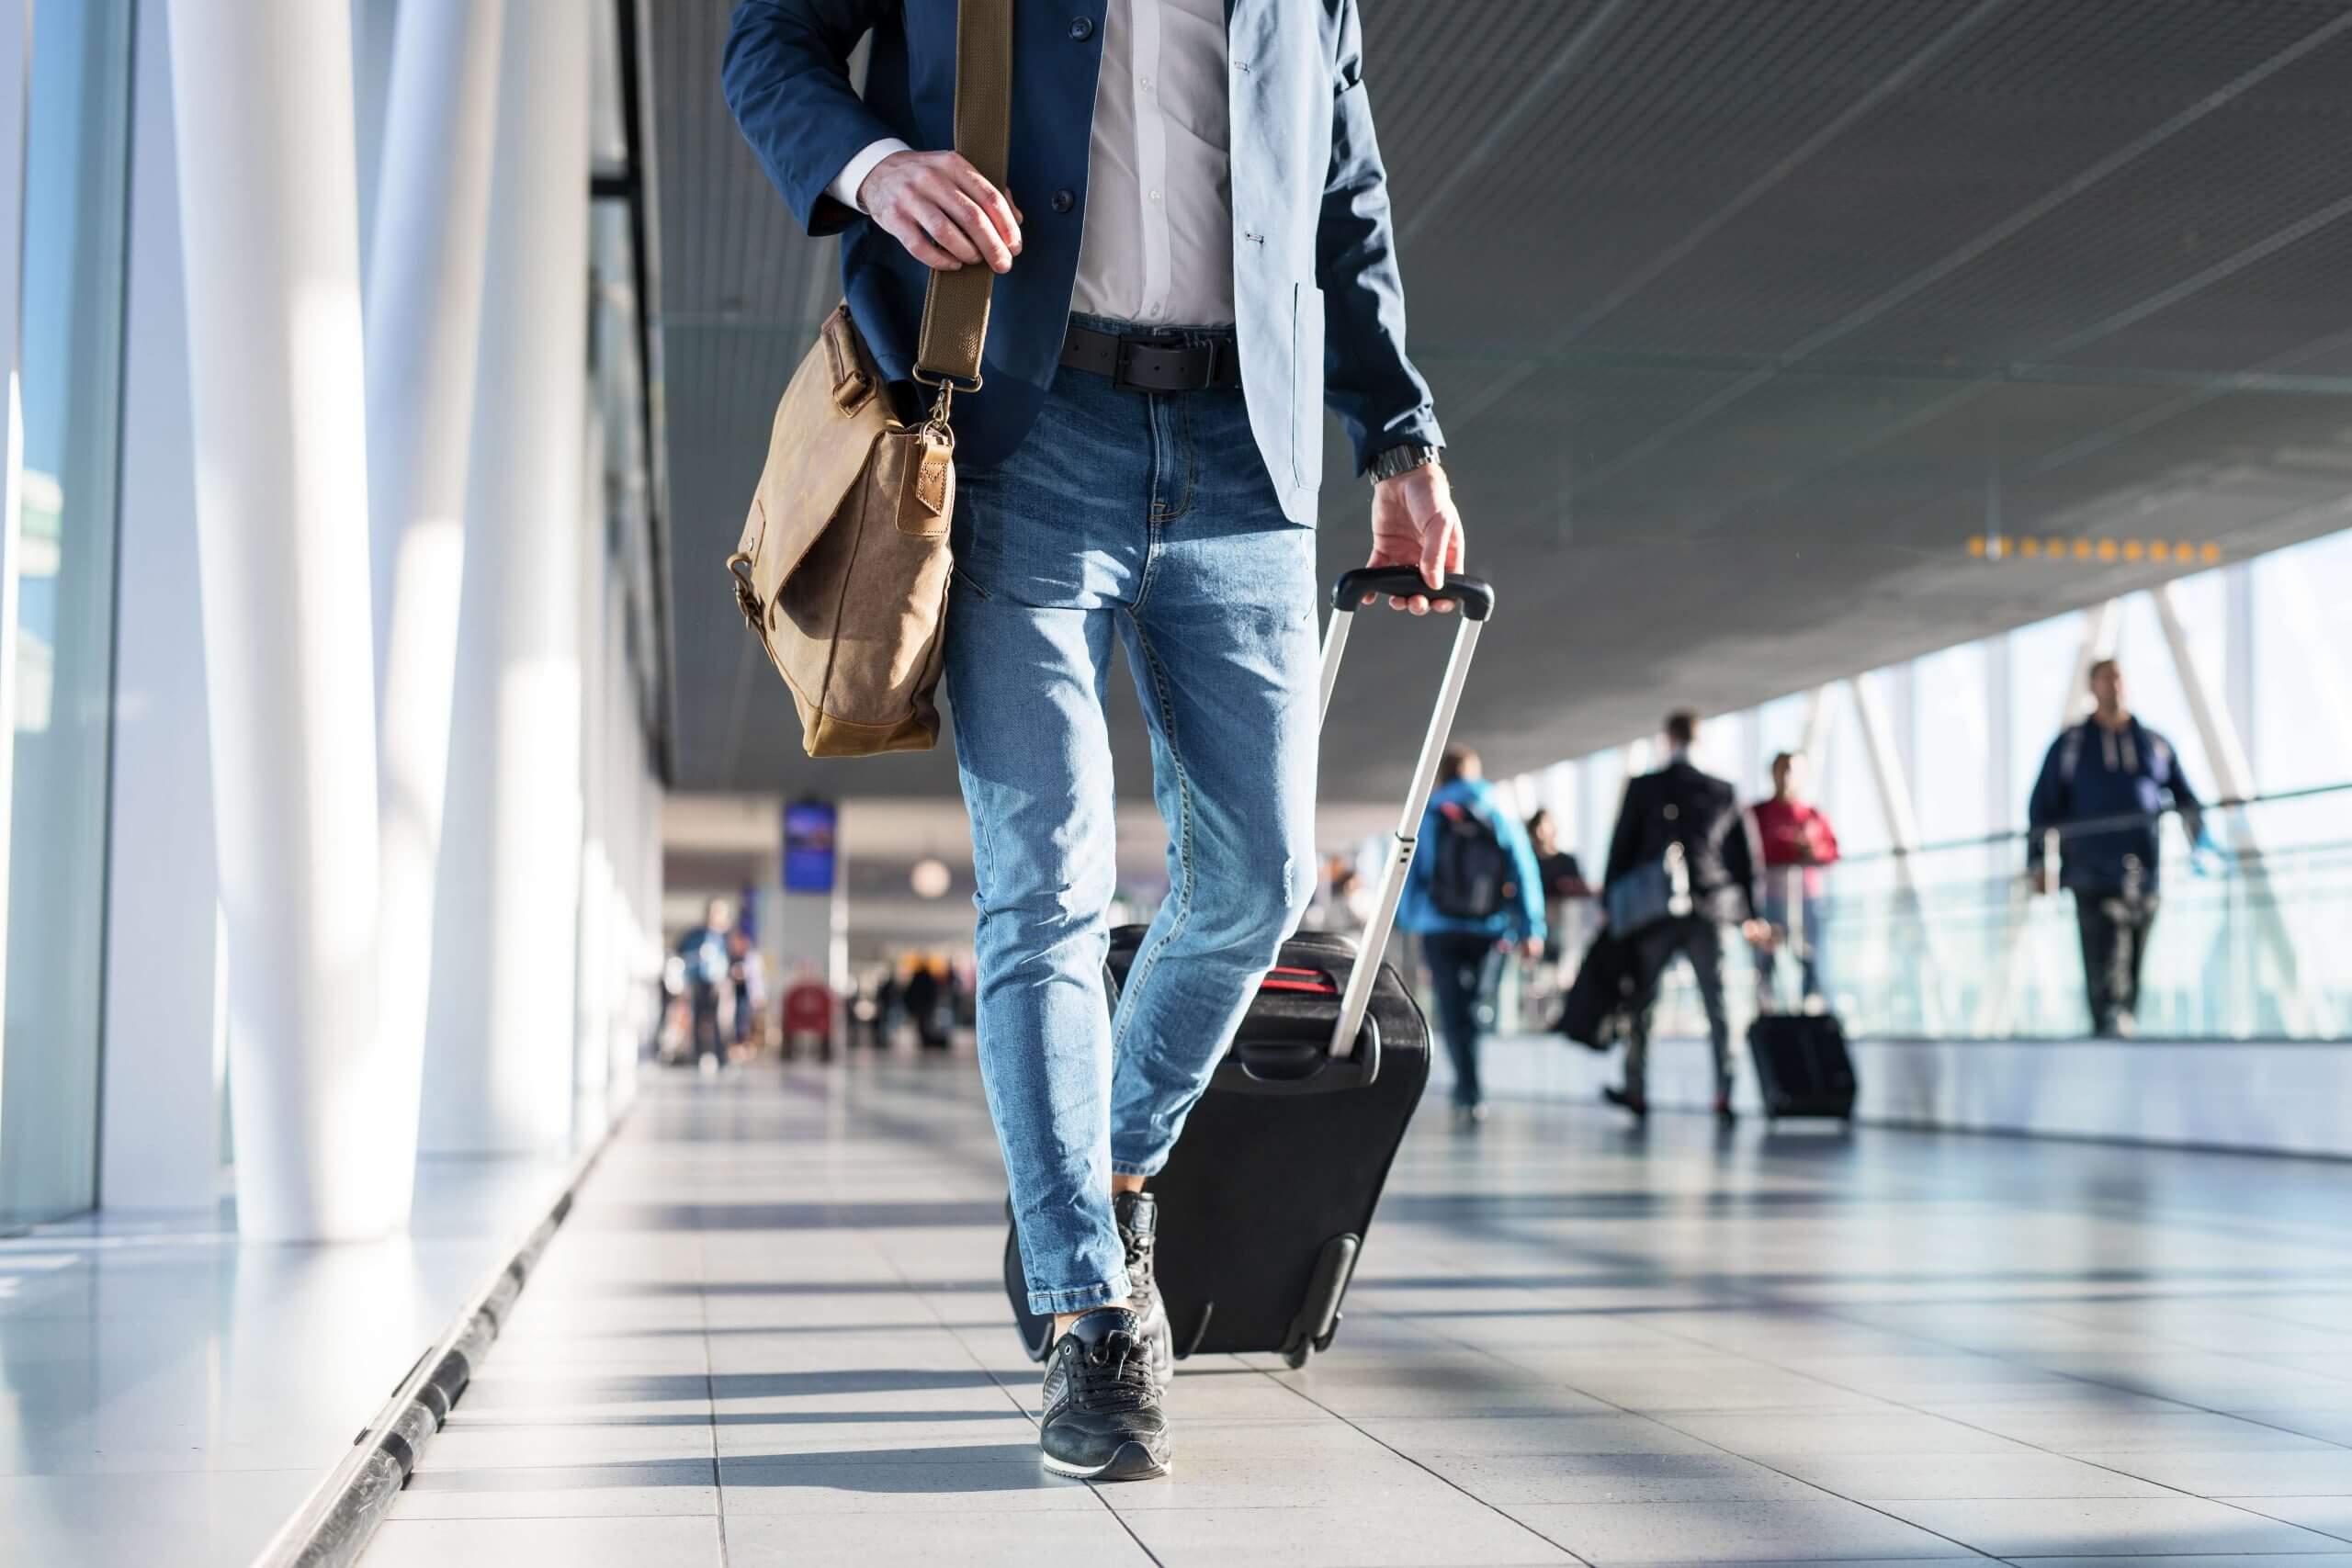 Mann går på flyplassterminal